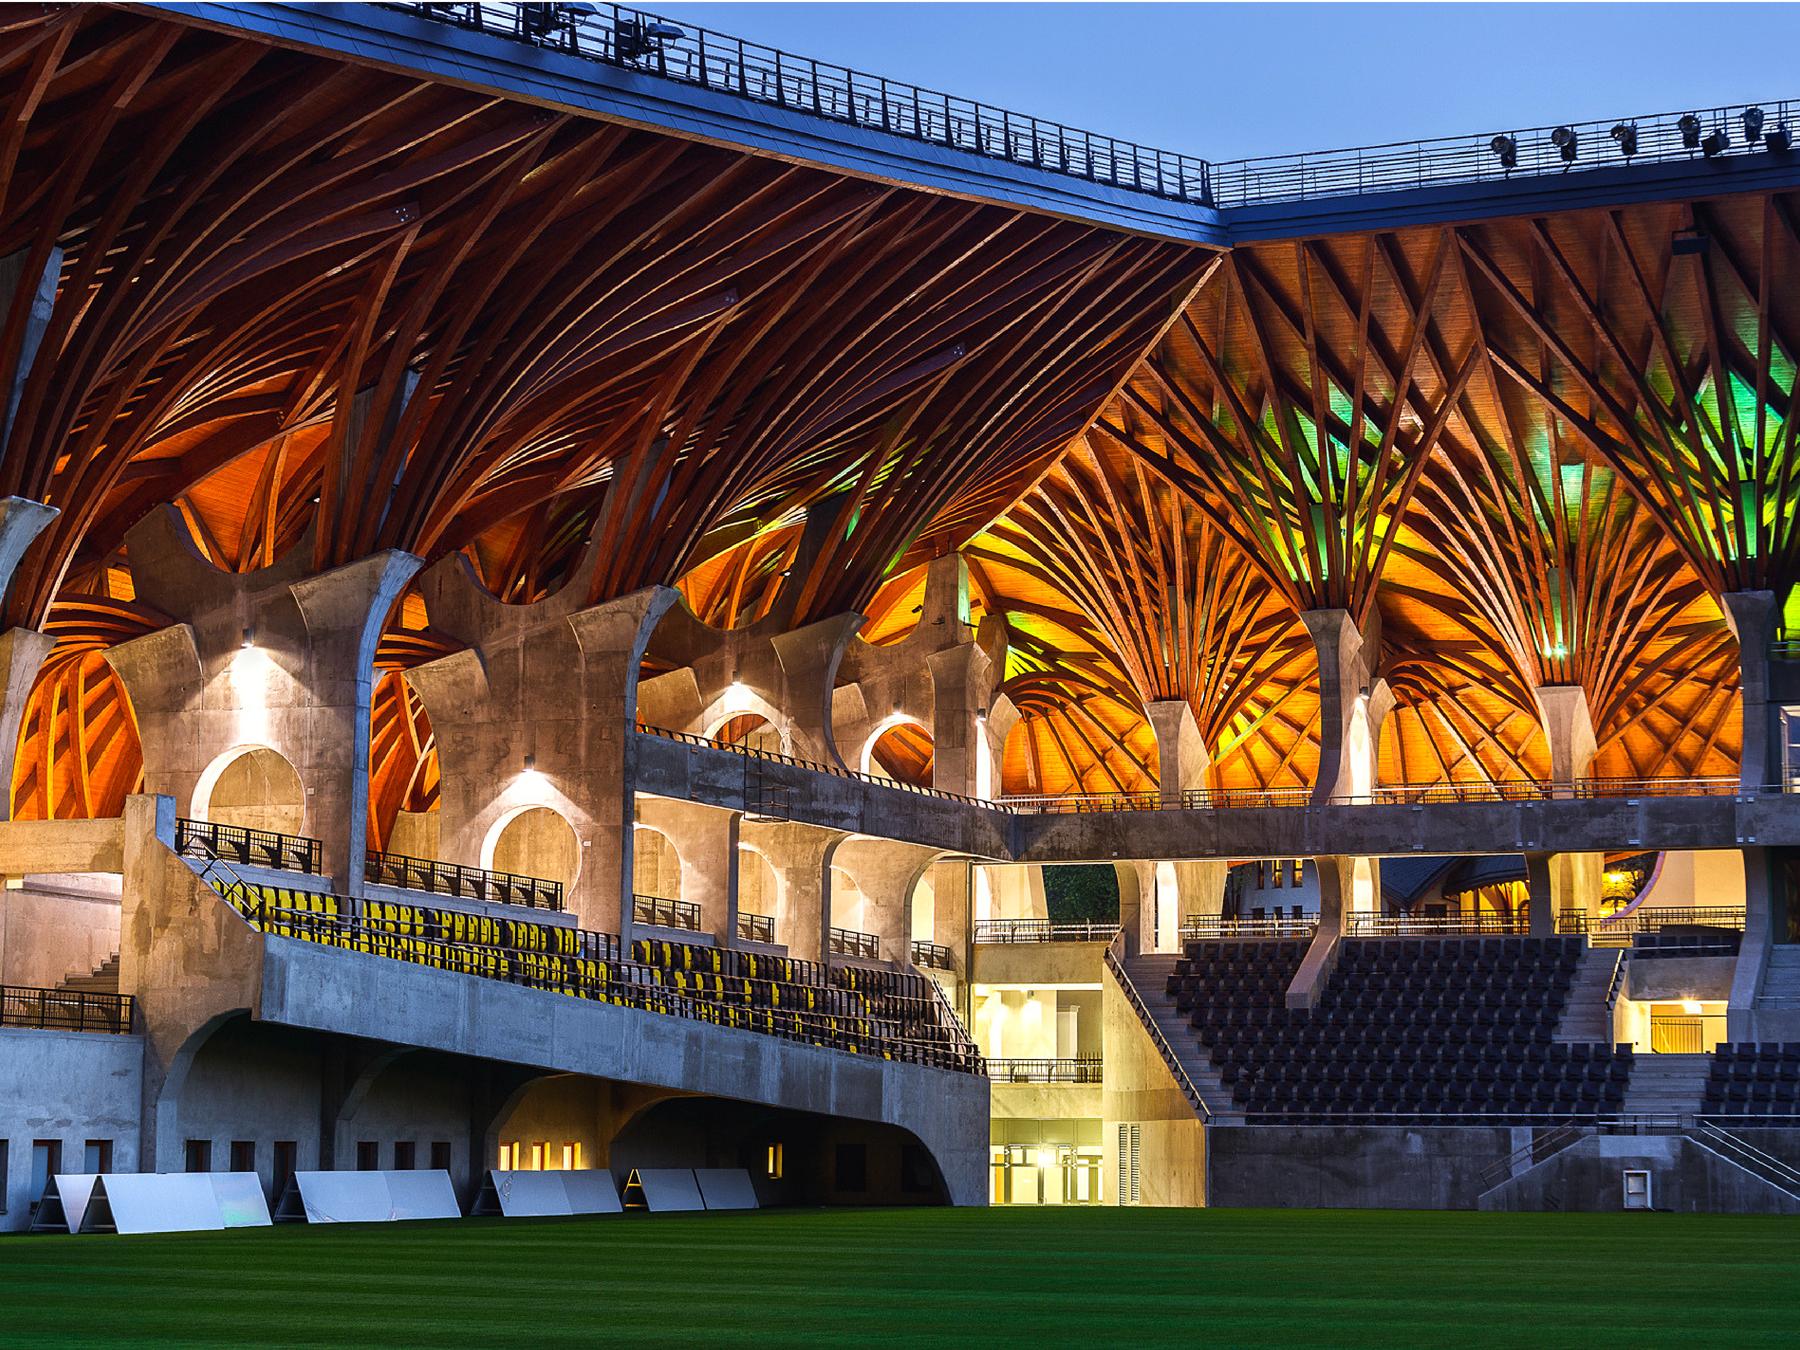 estádios-mais-legais-do-mundo-Calendário-da-copa-pancho Os 20 estádios mais legais do mundo Calendário Copa 2018